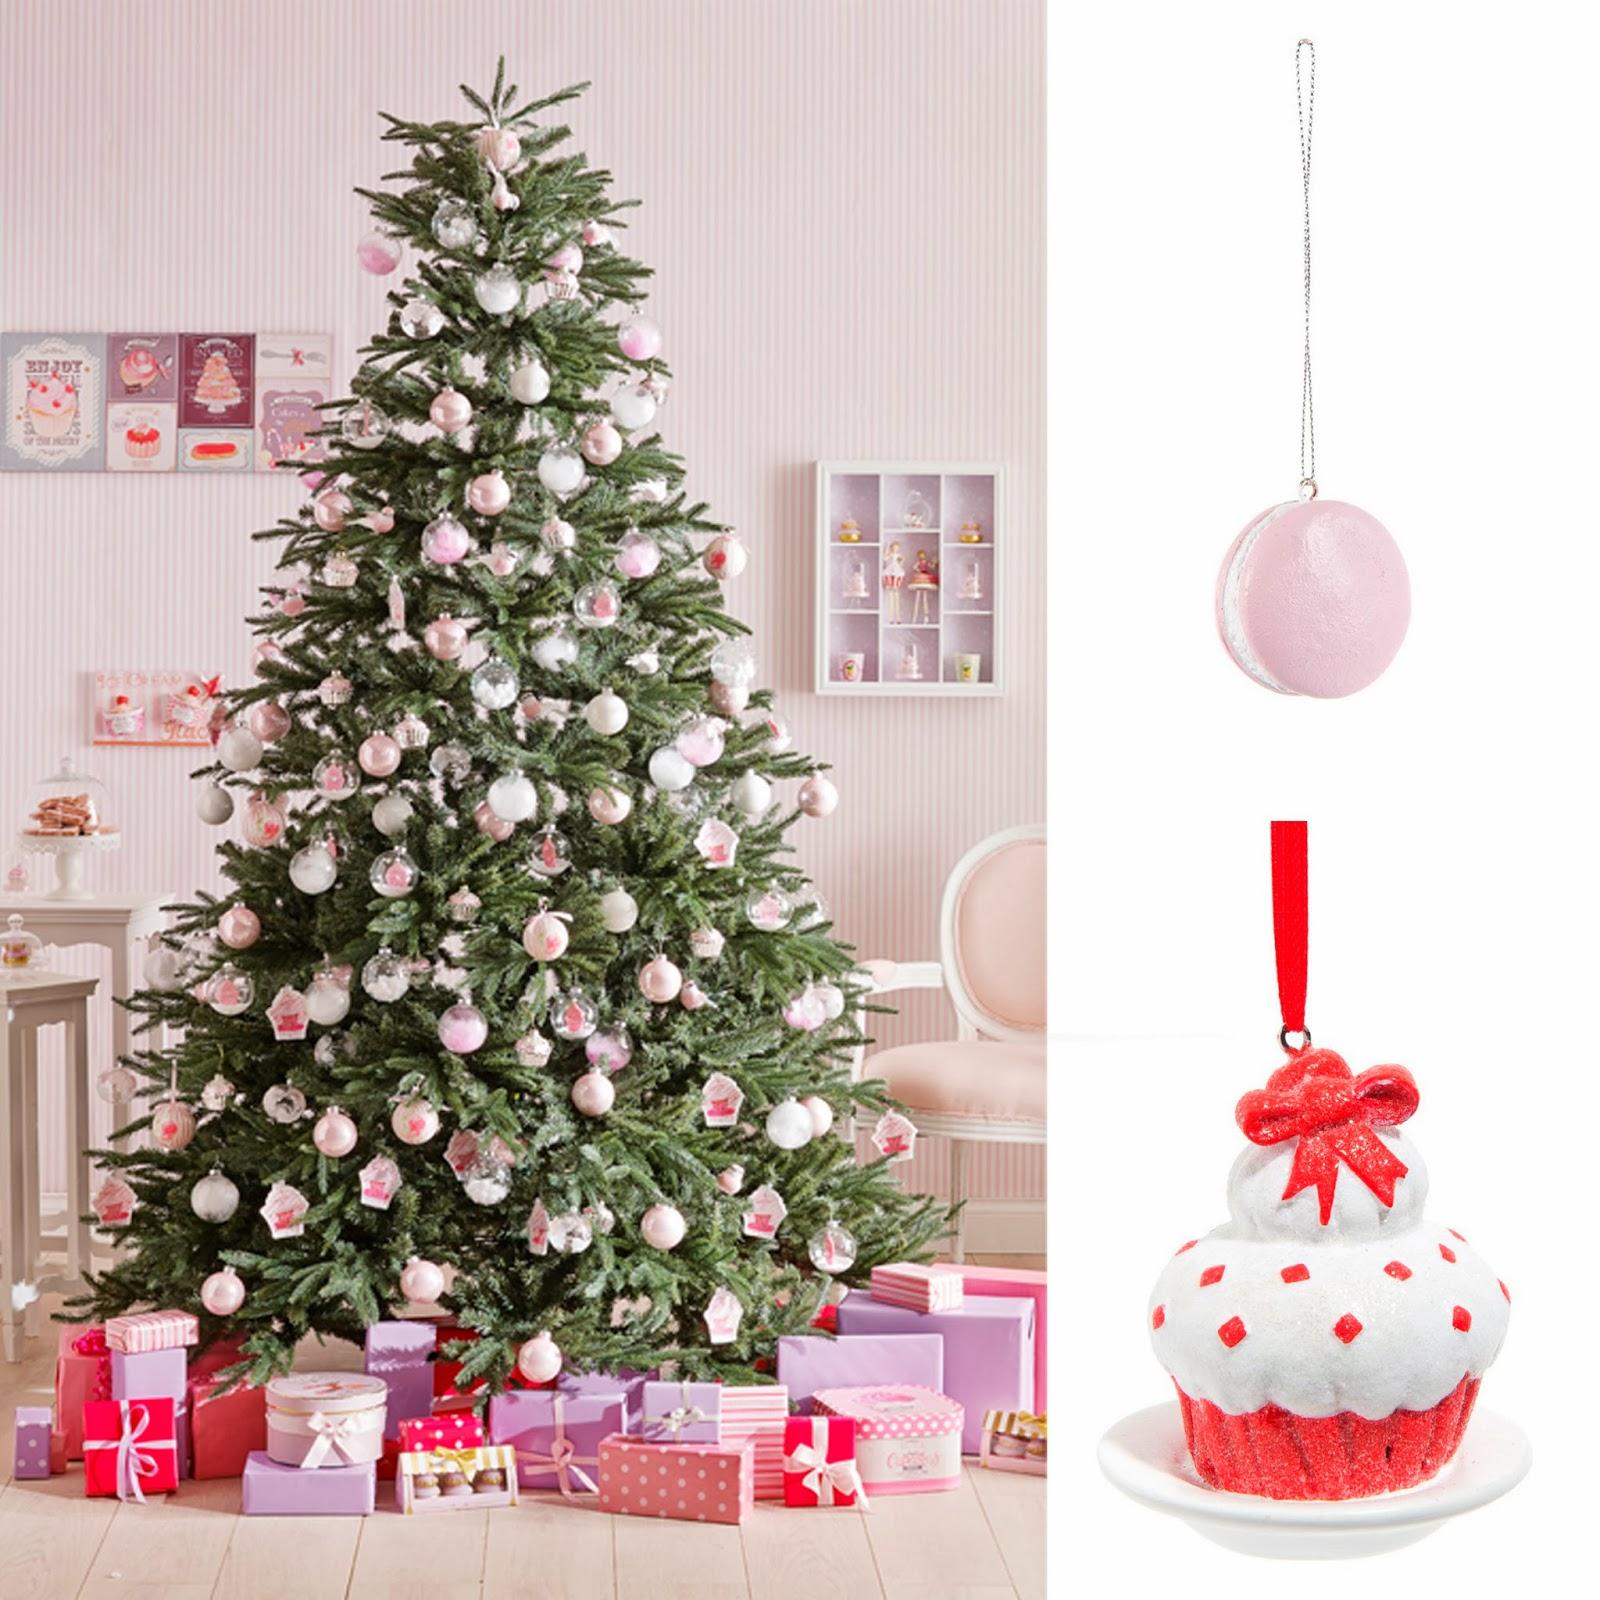 Miss cereza ya se acerca la navidad decoramos - Zara home navidad ...